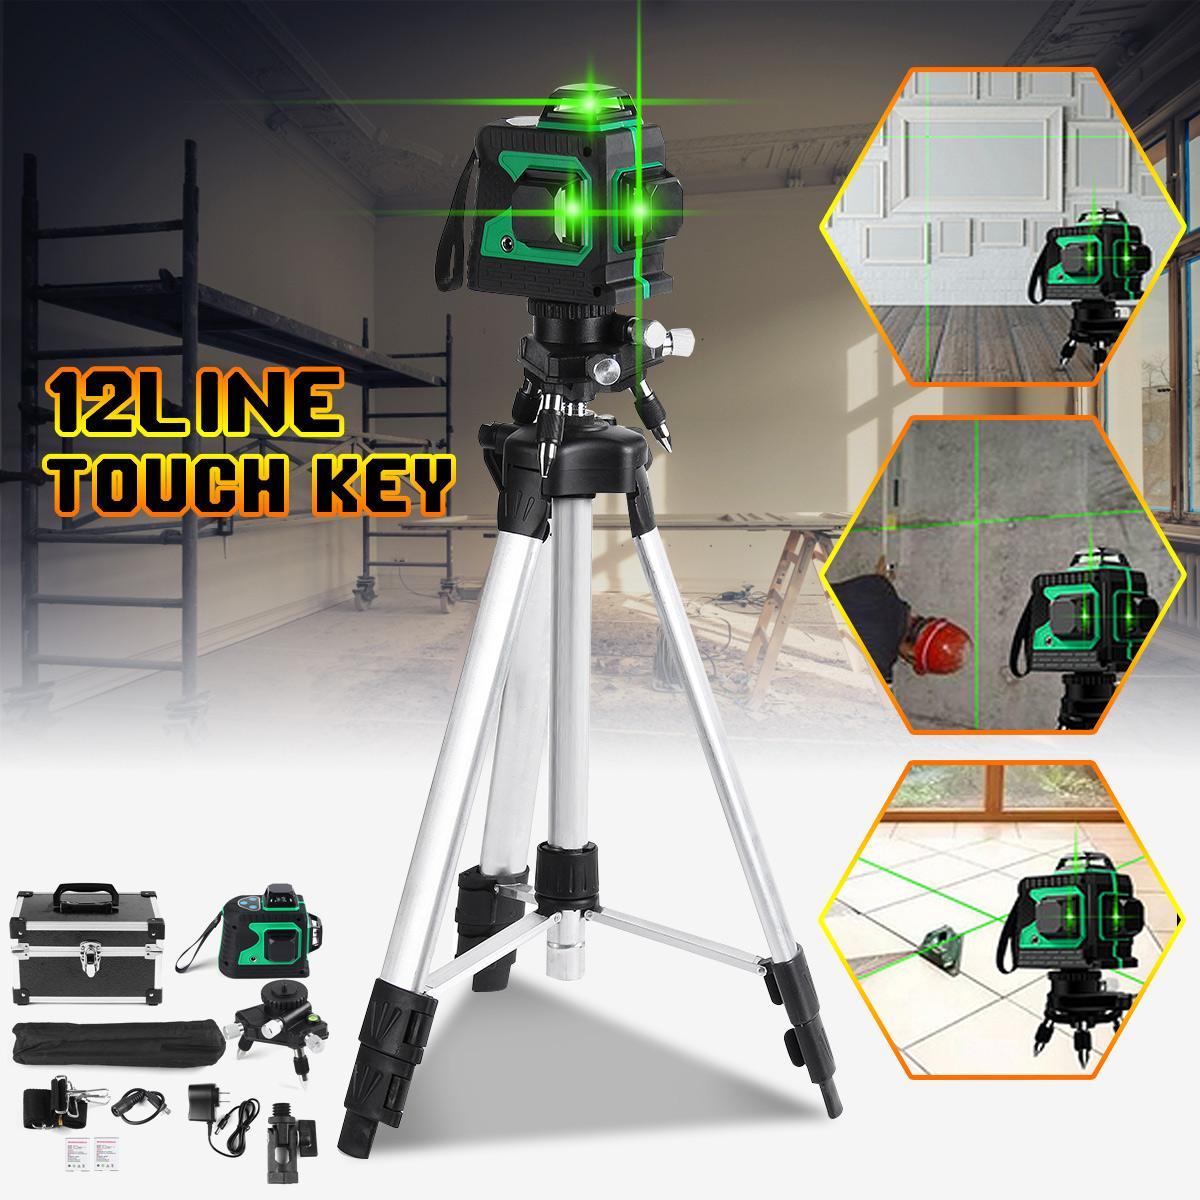 3D 12 Linie Laser Ebene Messen Automatische Selbst Nivellierung 360 Vertikale Horizontale Kreuz Super Leistungsstarke Grün Laser Strahl w/ stativ